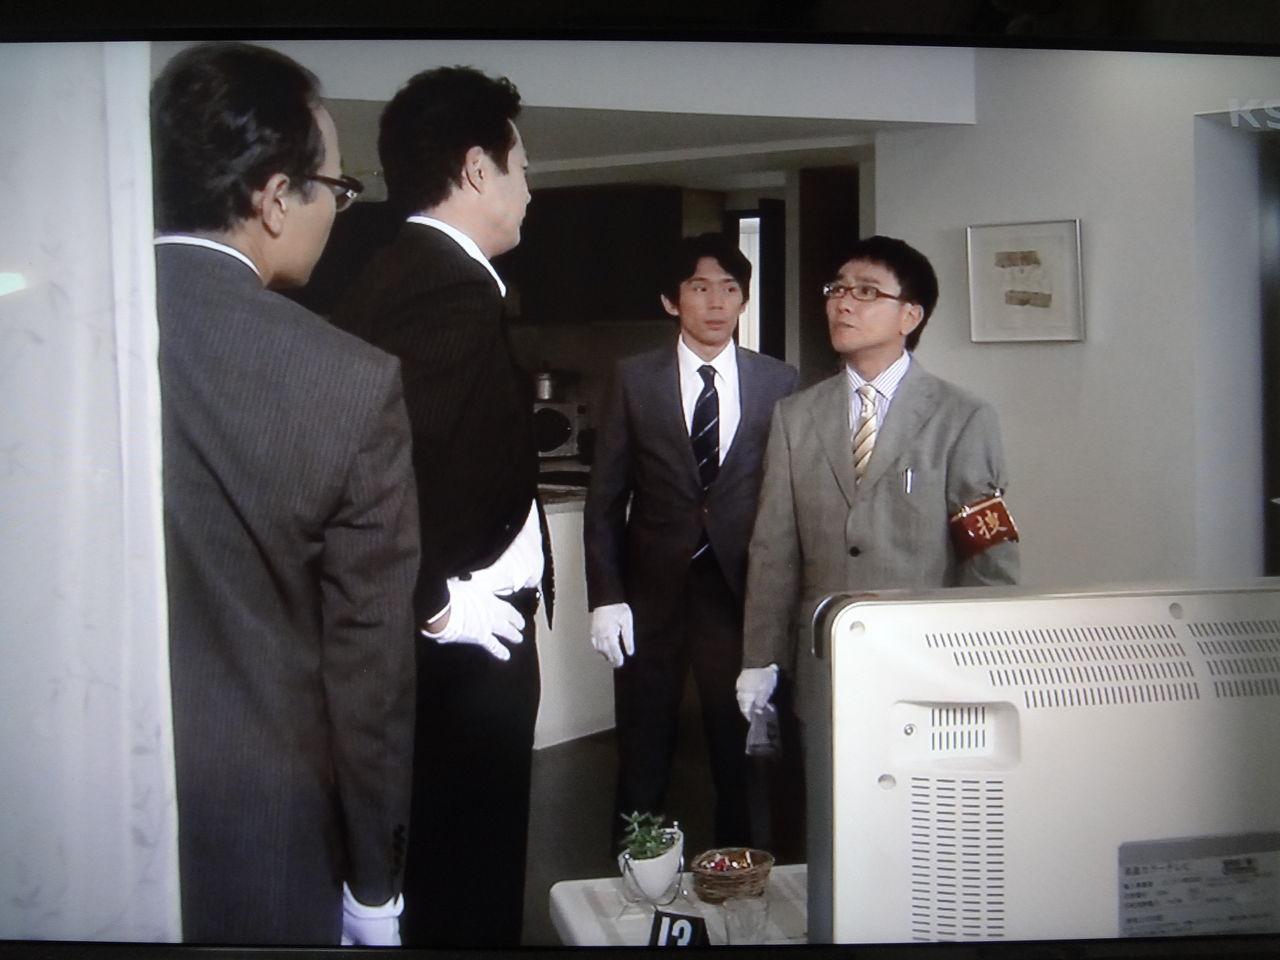 ぱ・す・た・い・む : 遺留捜査...